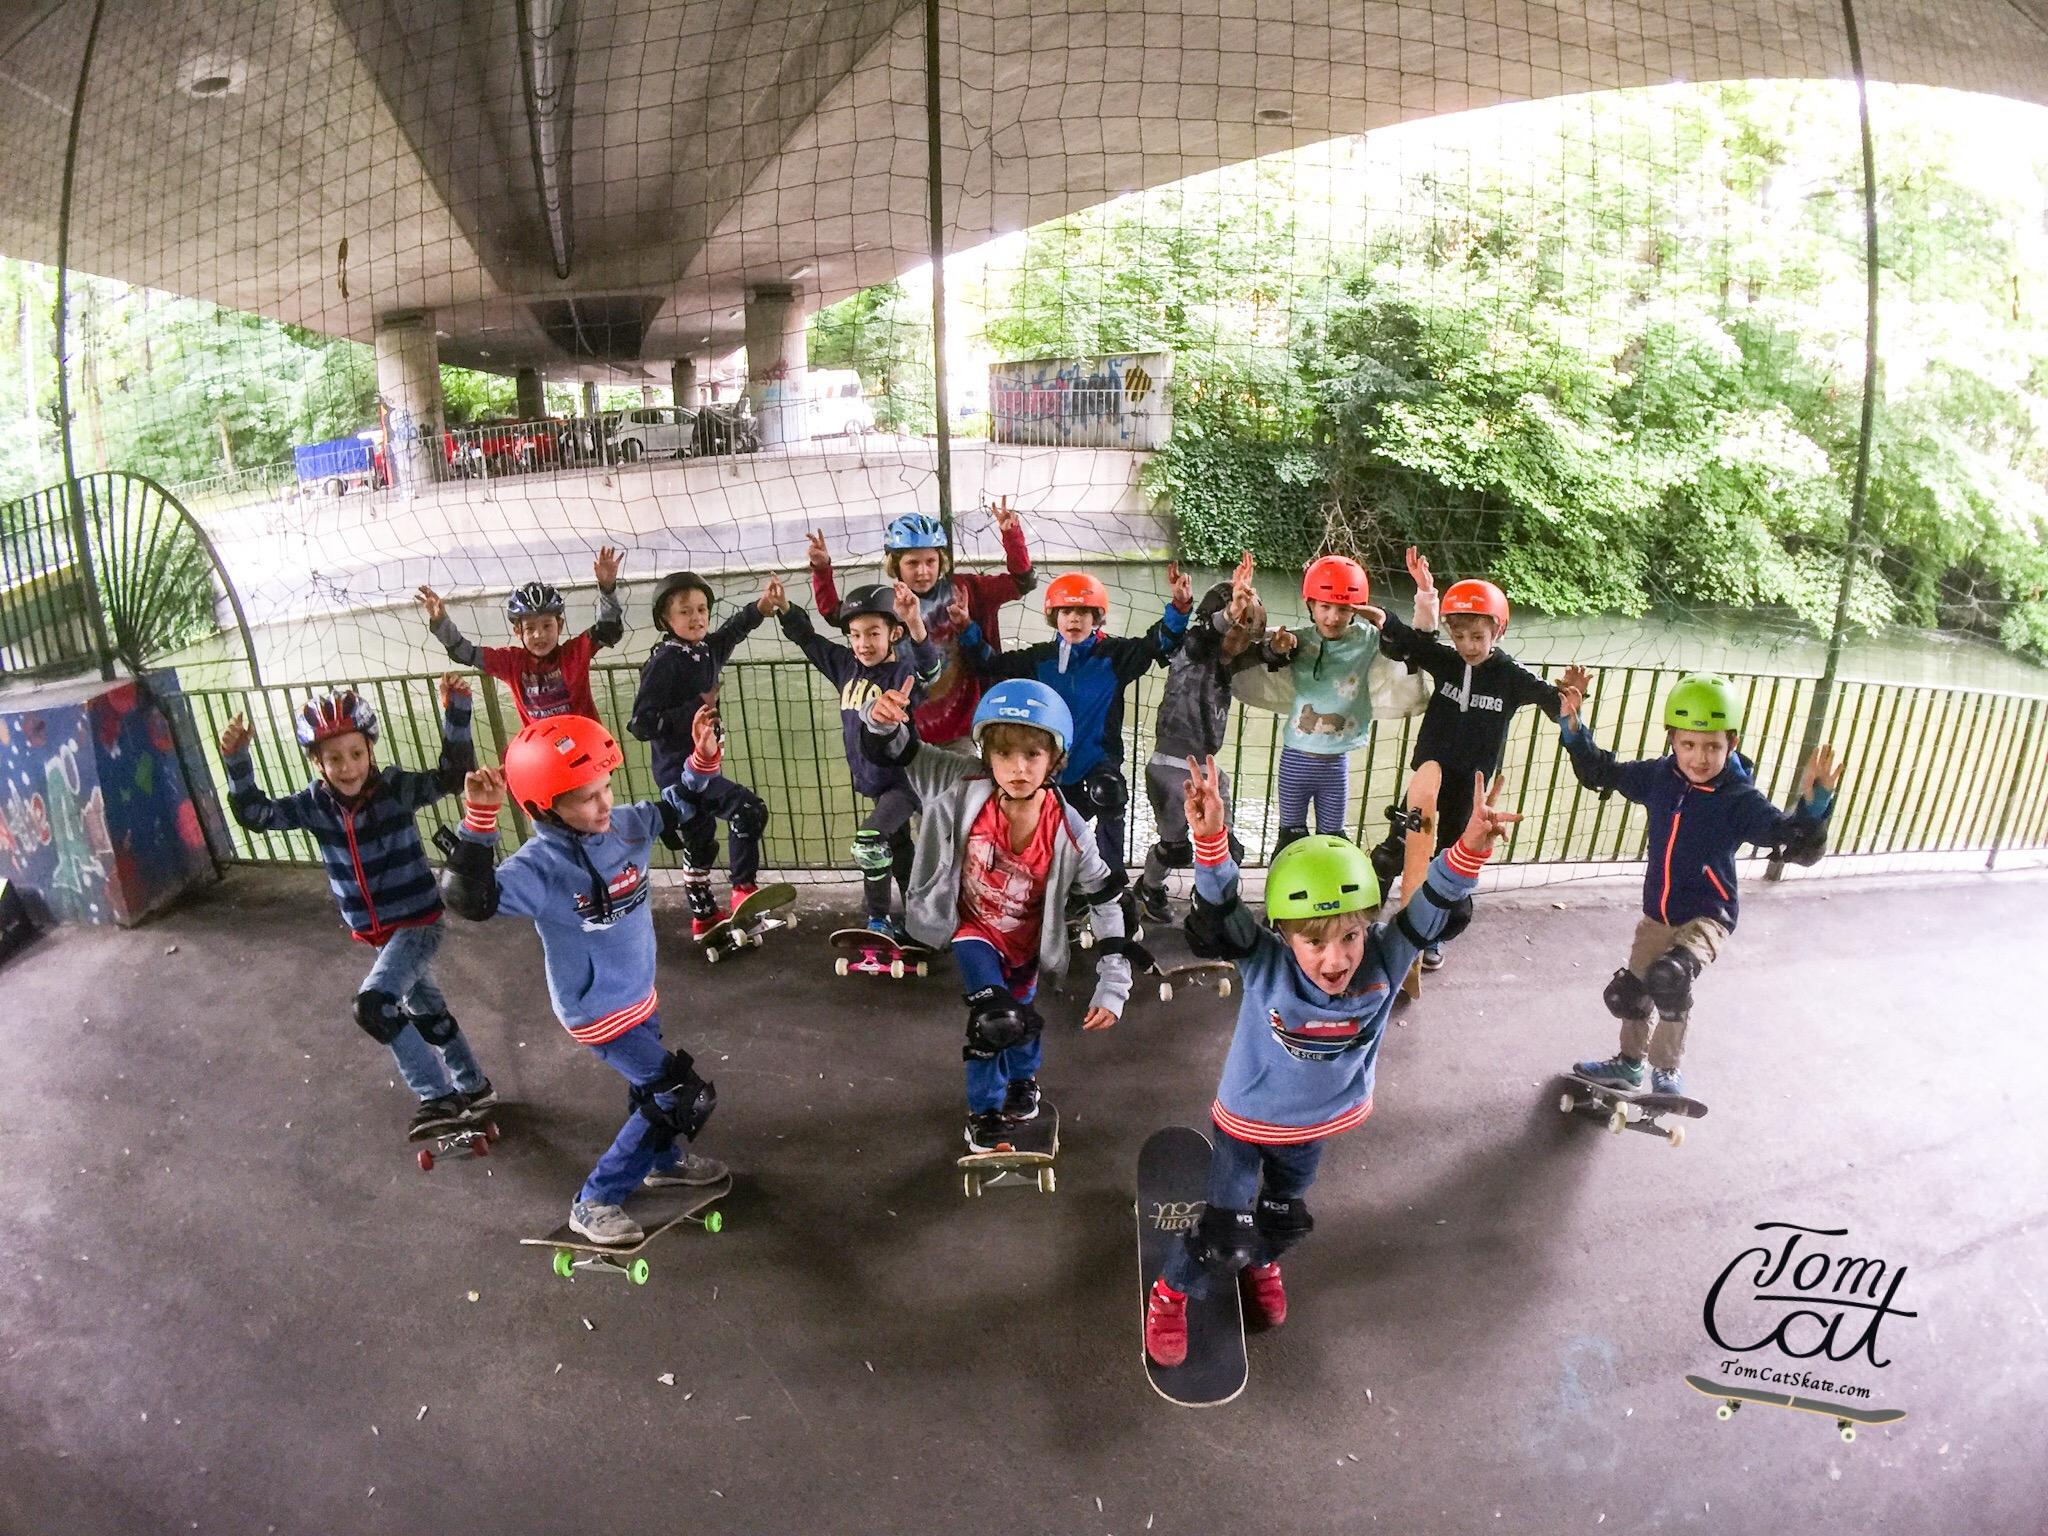 Skateboardkurs München Skatekurs München Longboardkurs für Anfänger und Fortgeschrittene Skateboard Geburtstag.JPG